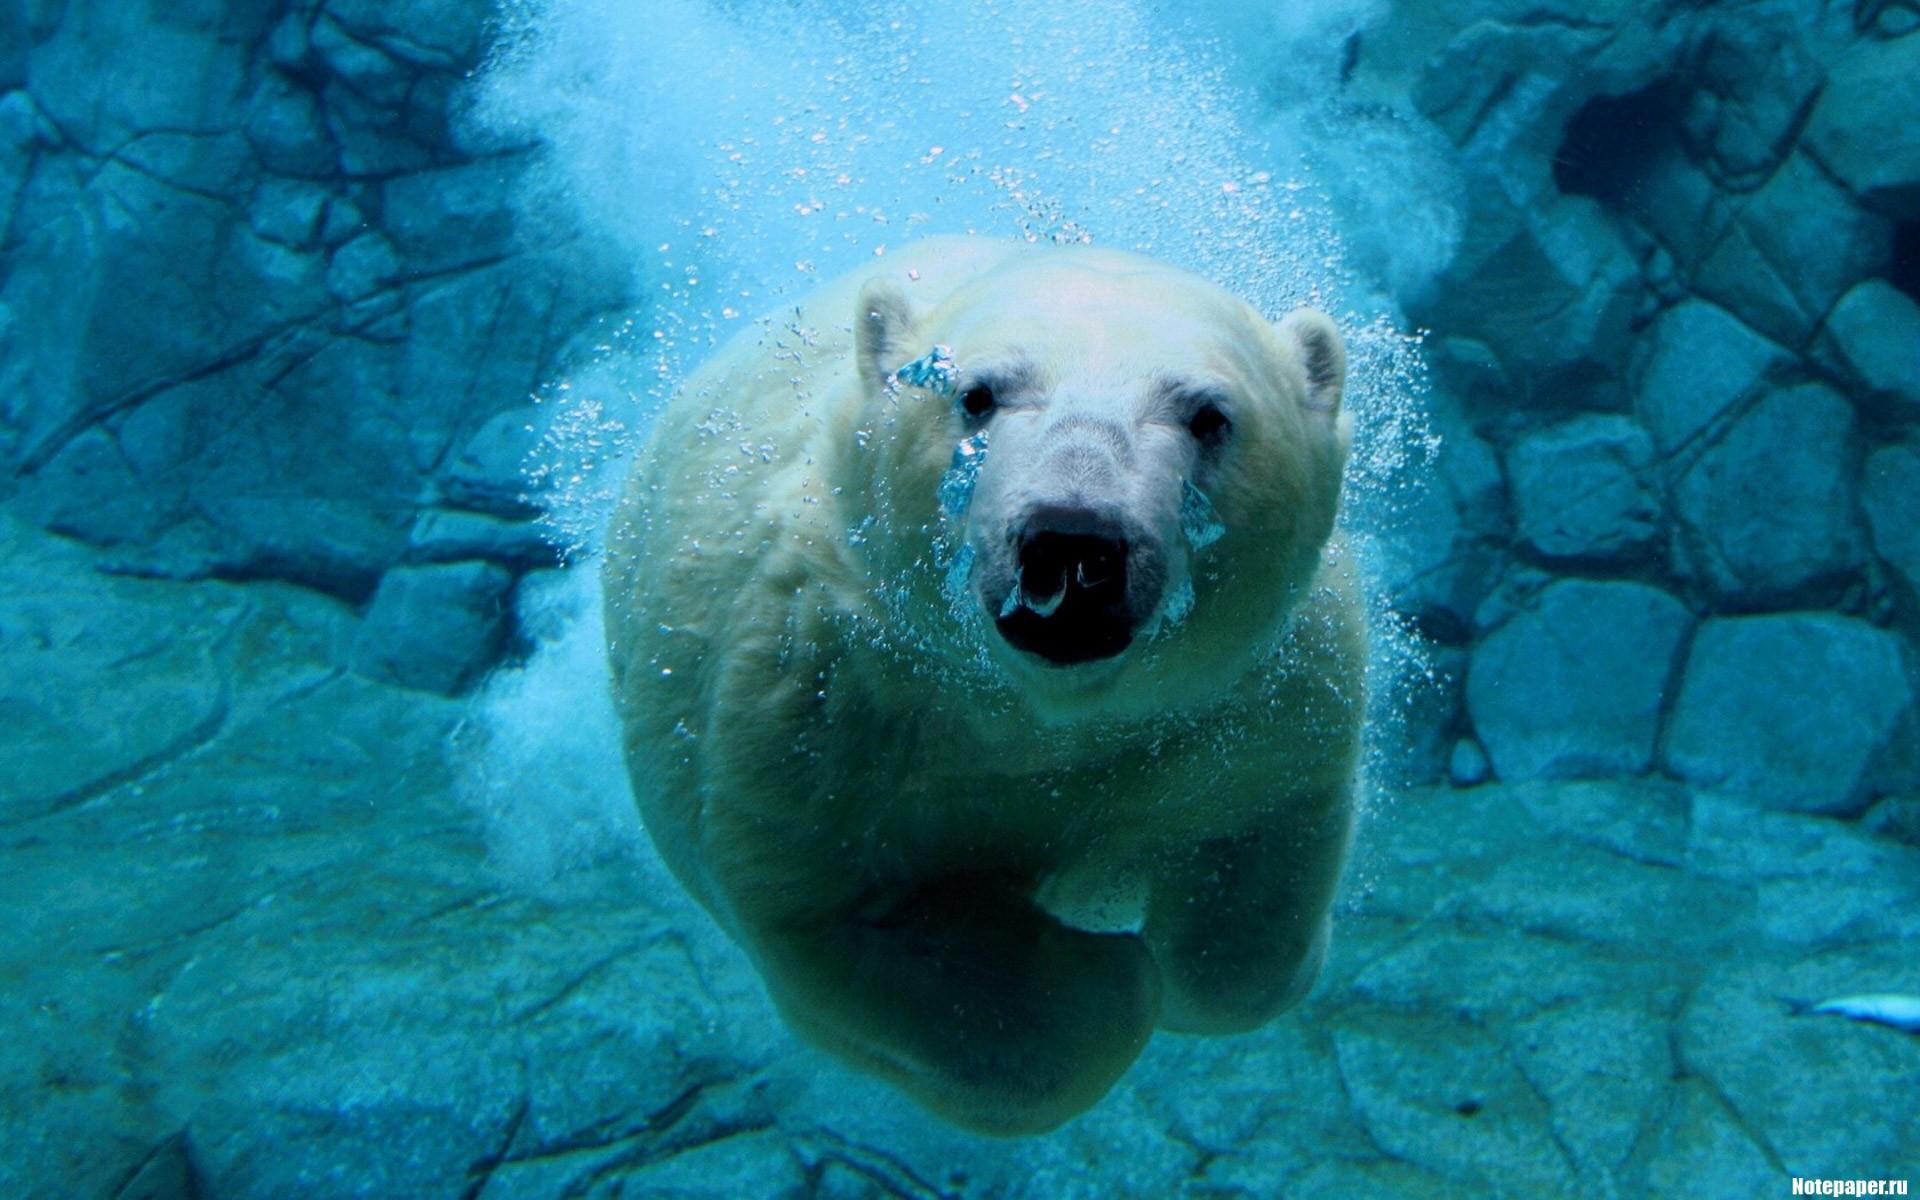 Oso polar buceando - 1920x1200